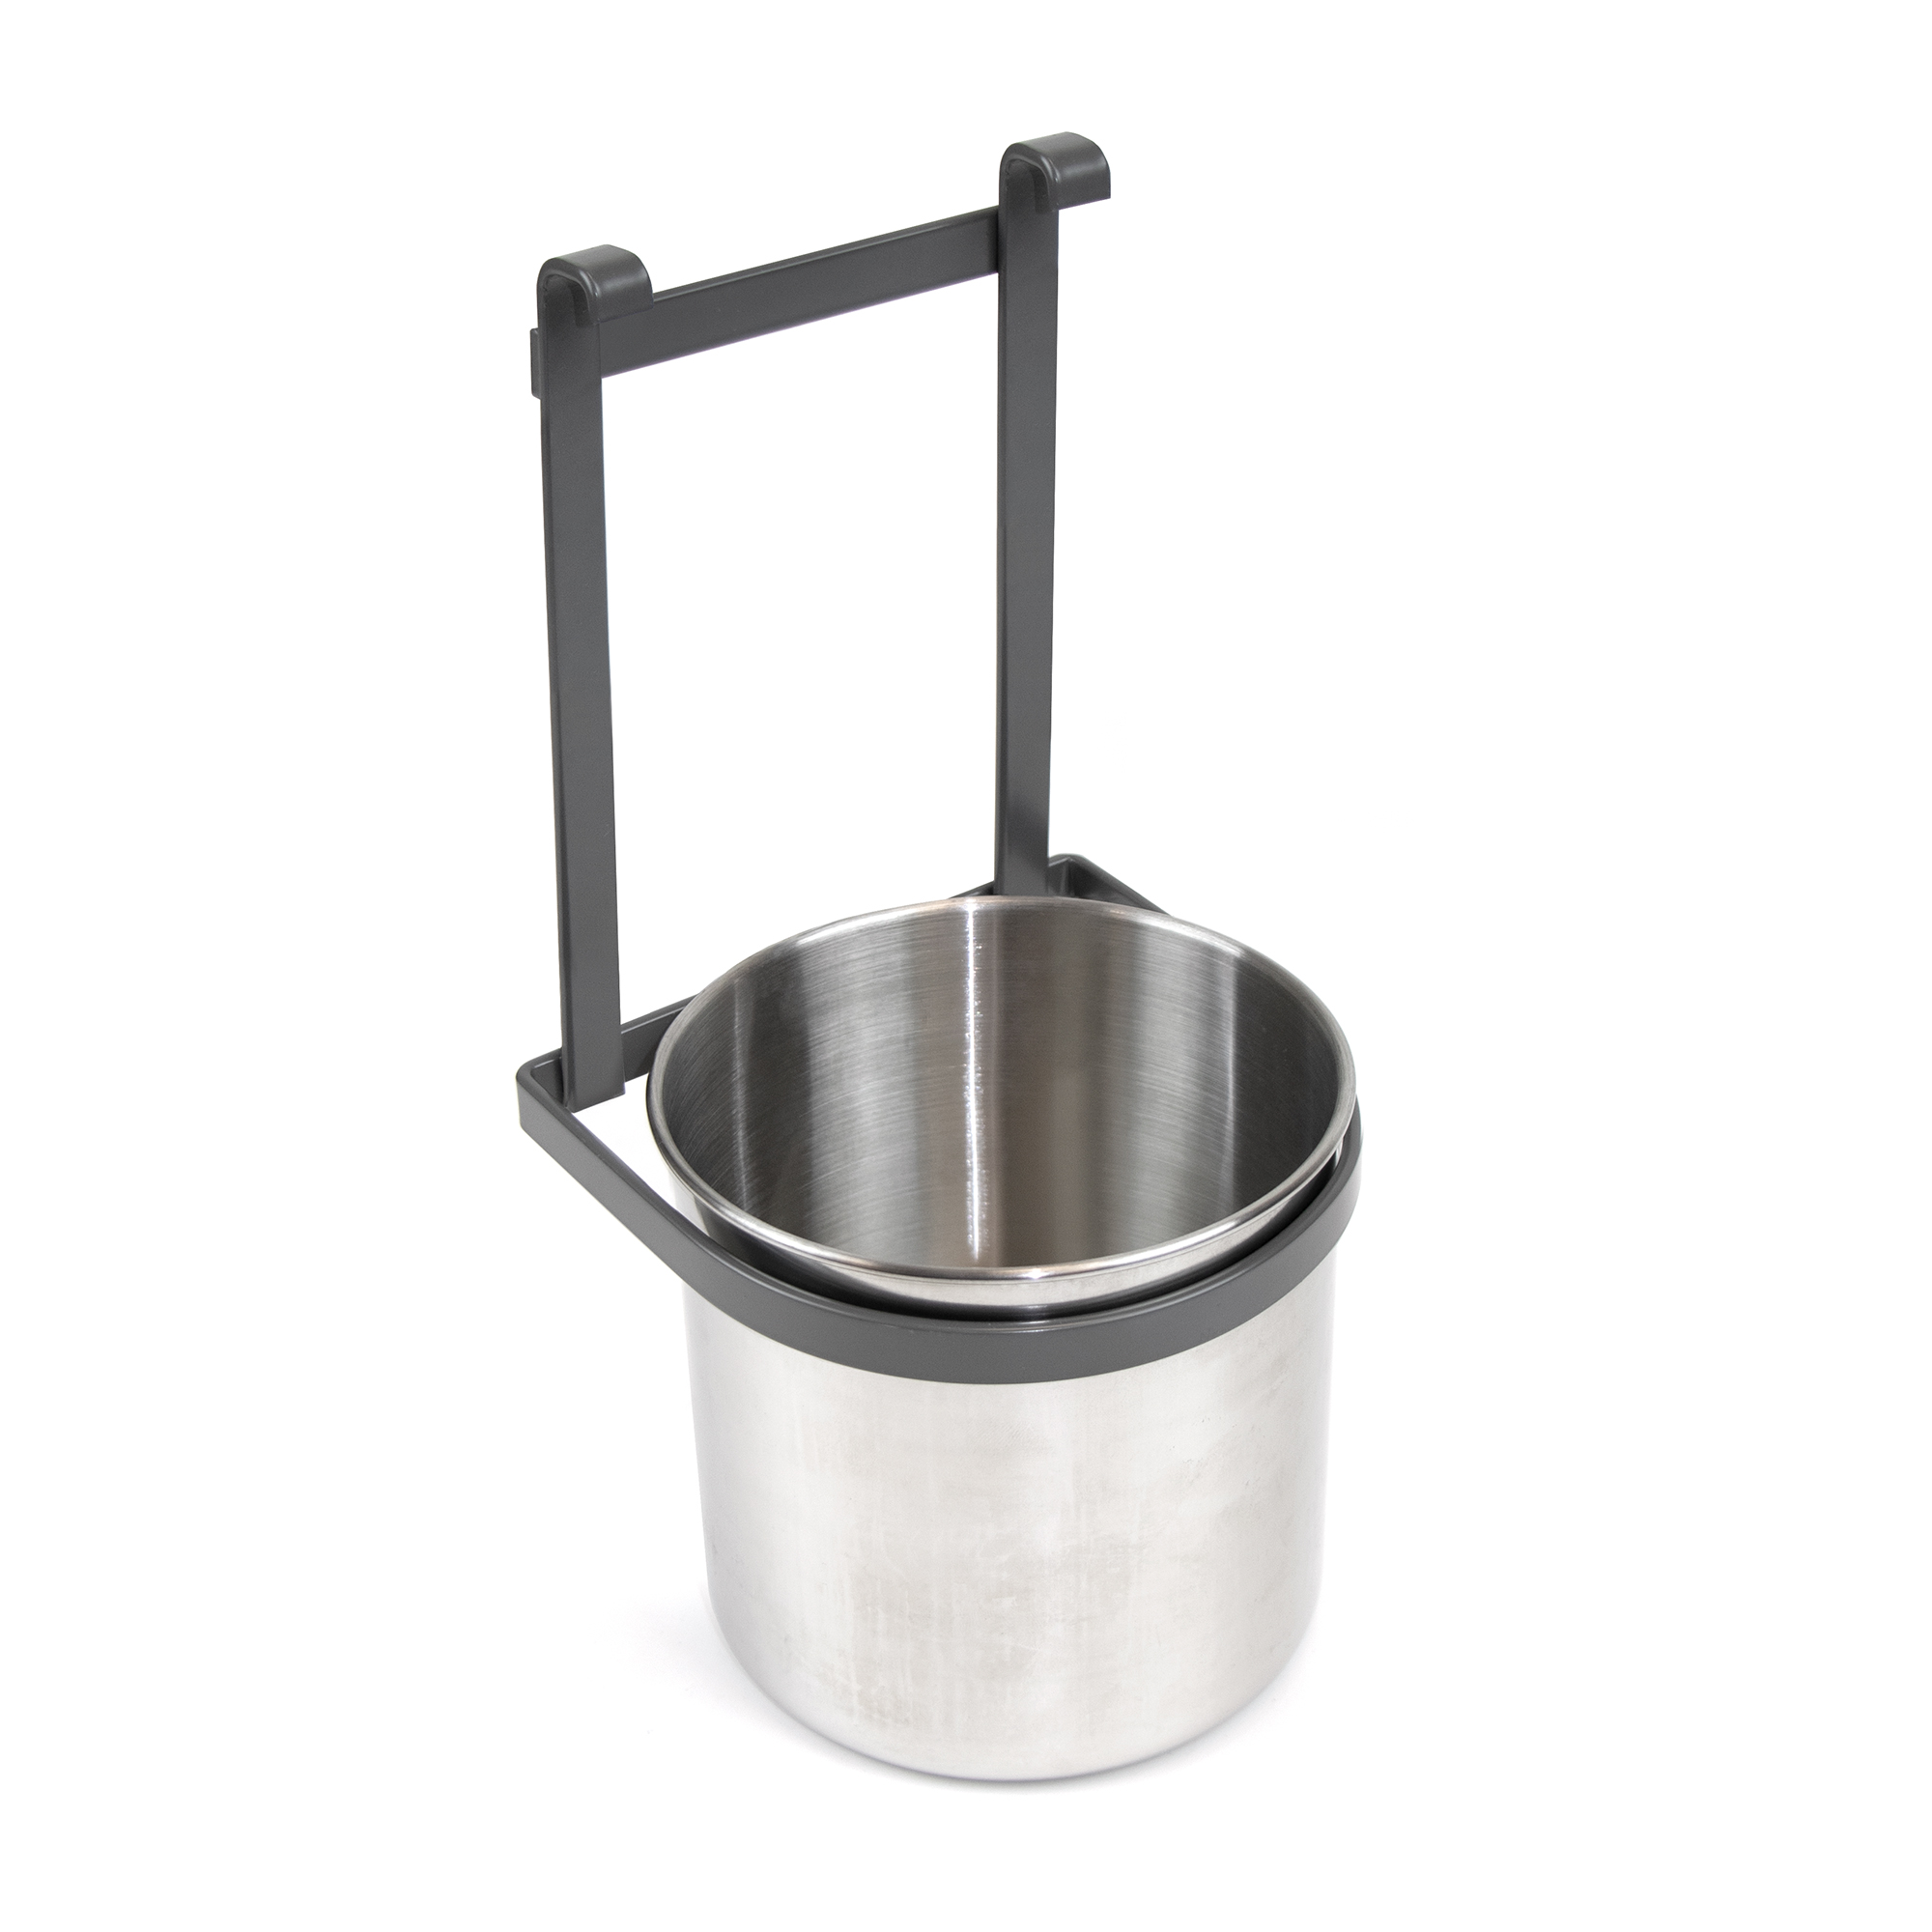 Emuca Portaposate per cucina, con secchio cromato, da appendere, acciaio, grigio antracite.